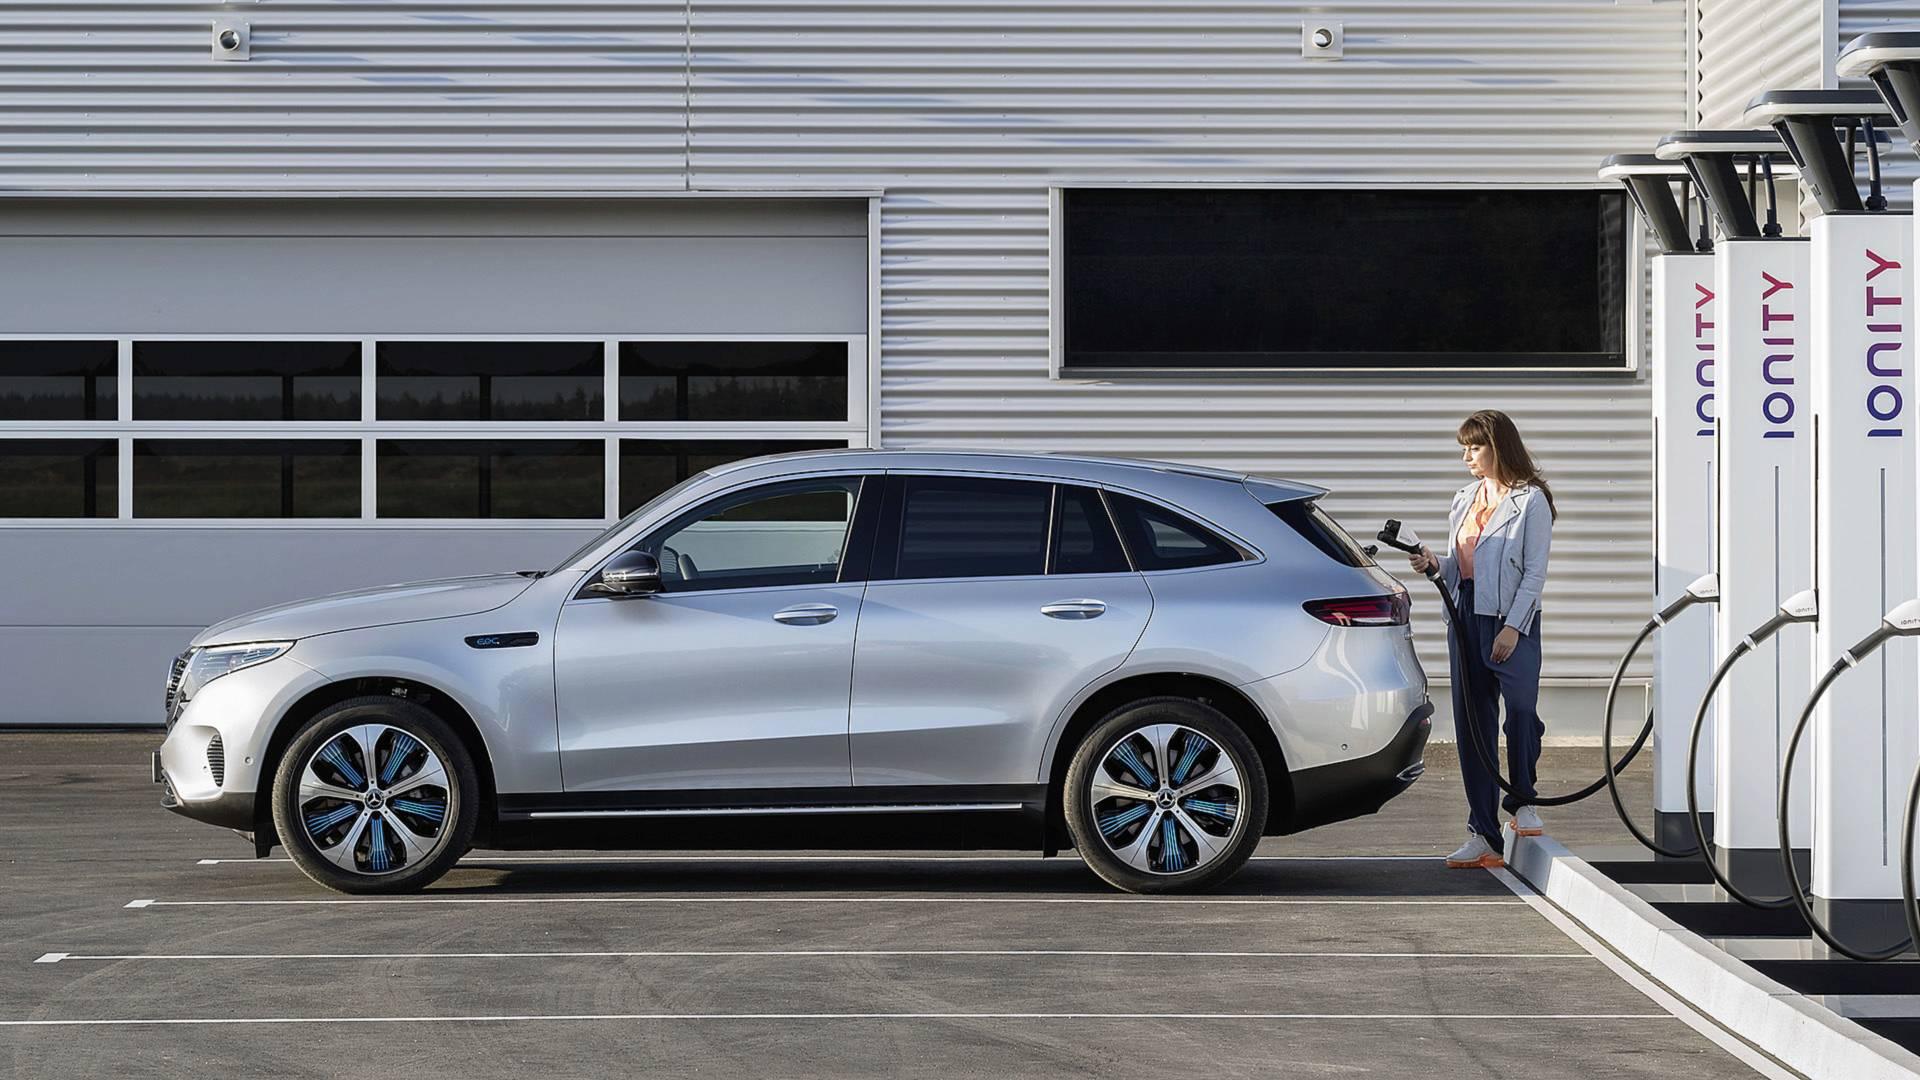 Alman ekonomi bakanı üreticilerden elektrikli otomobil istiyor